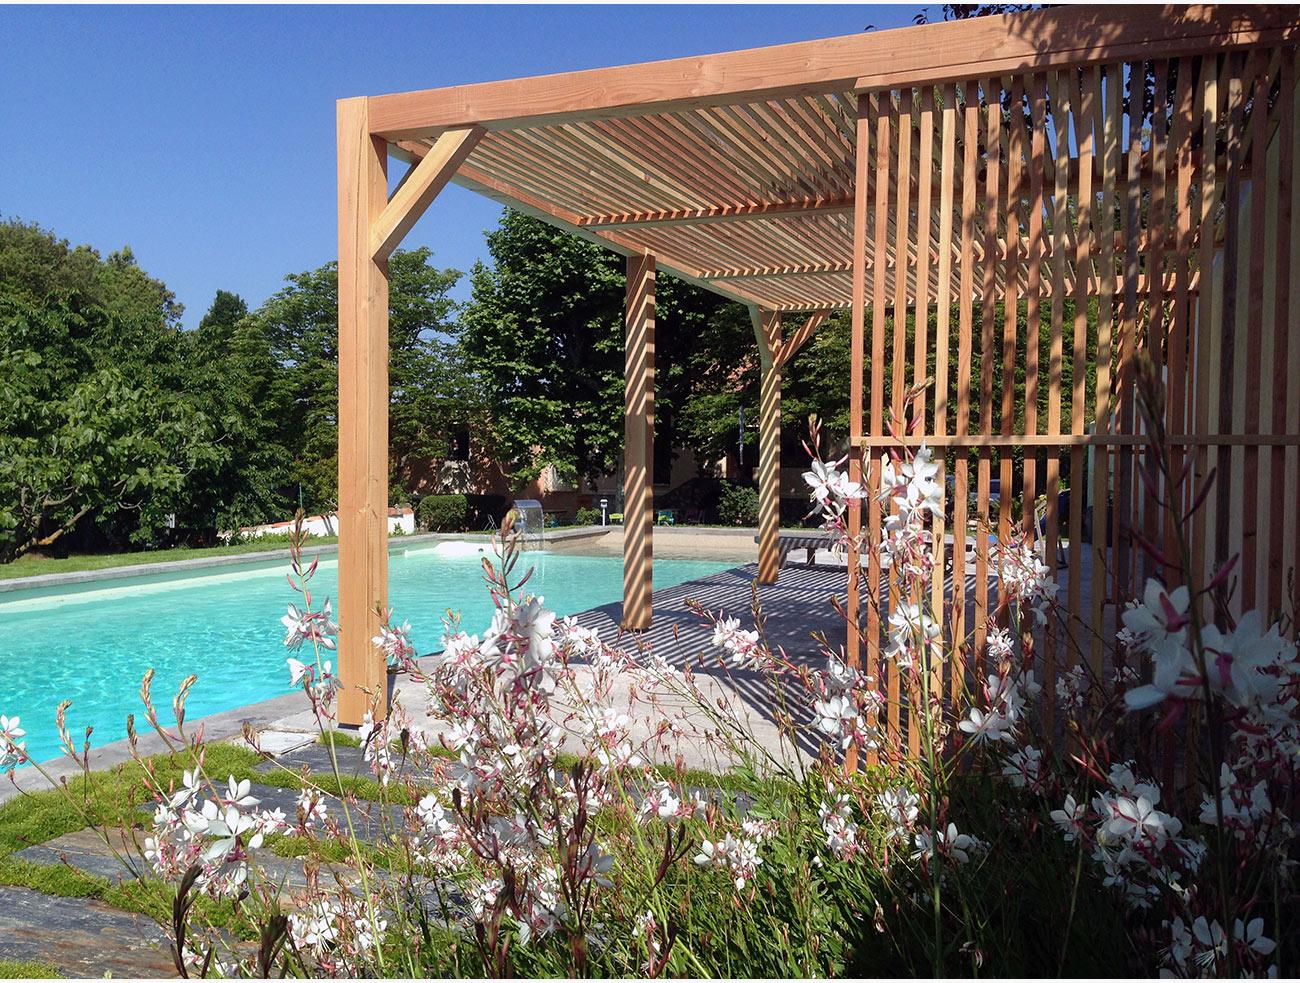 Pergola contemporaine bois - Architecte paysagiste concepteur Montpellier